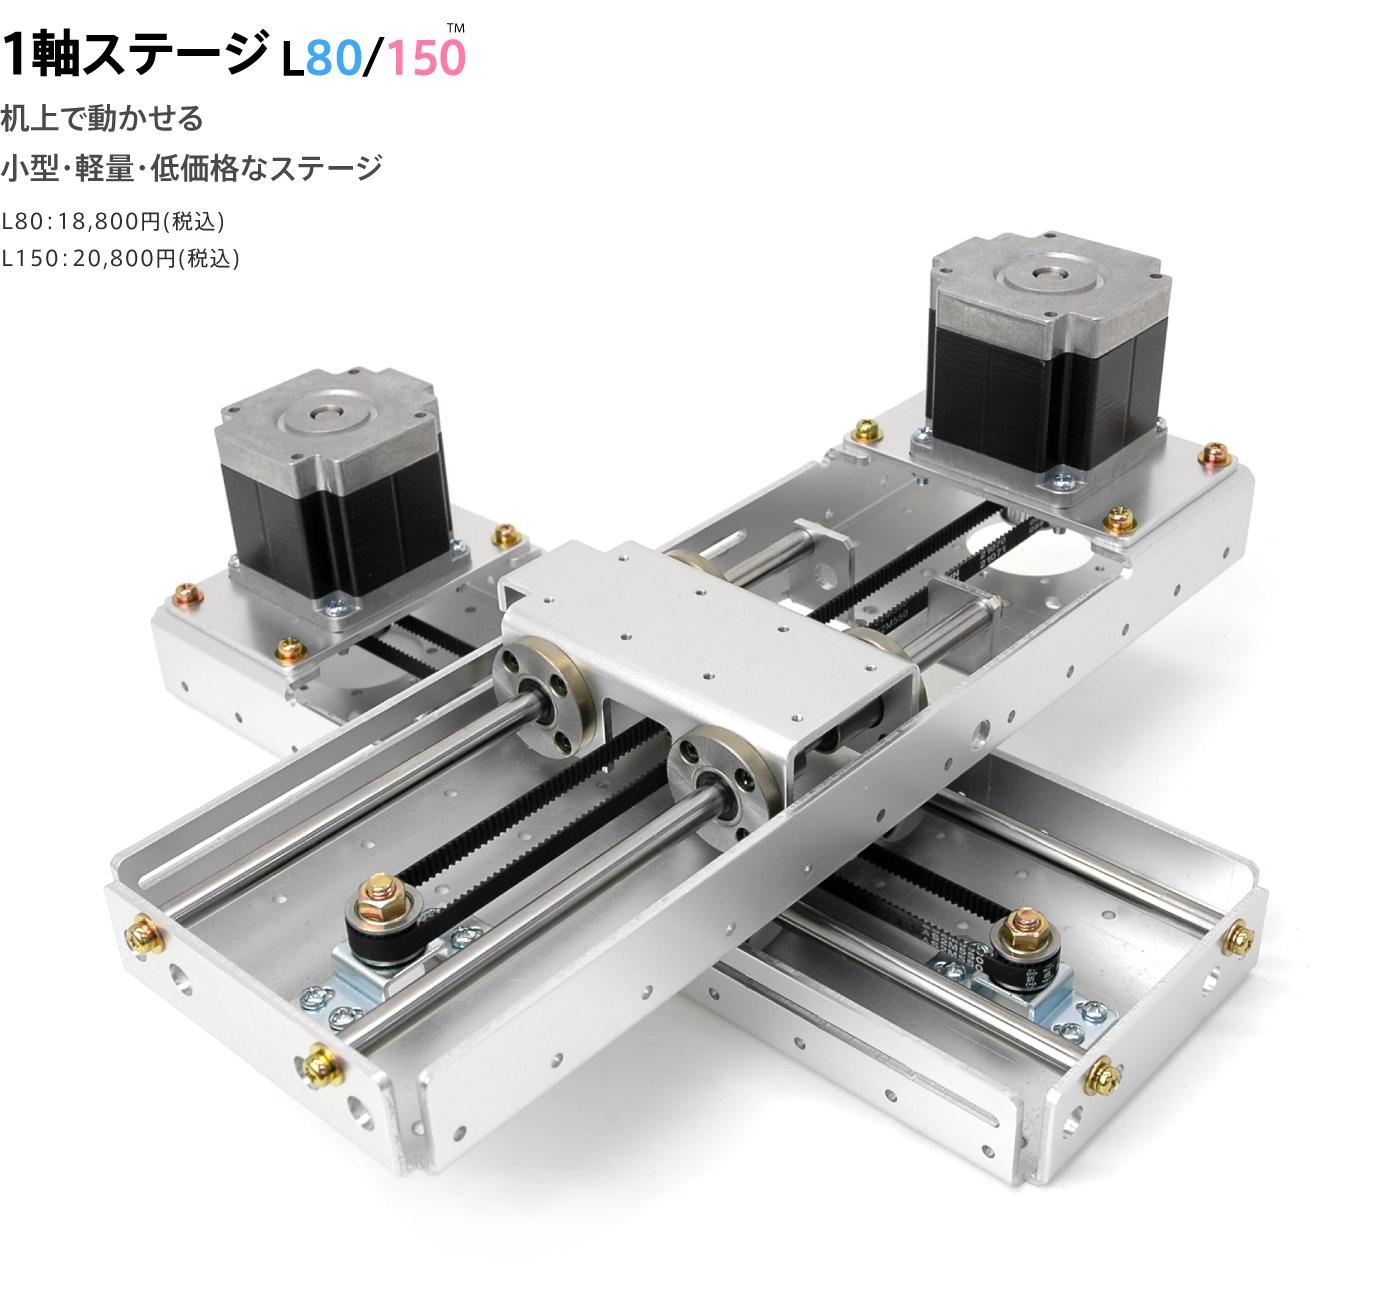 1軸ステージ L80 / 150